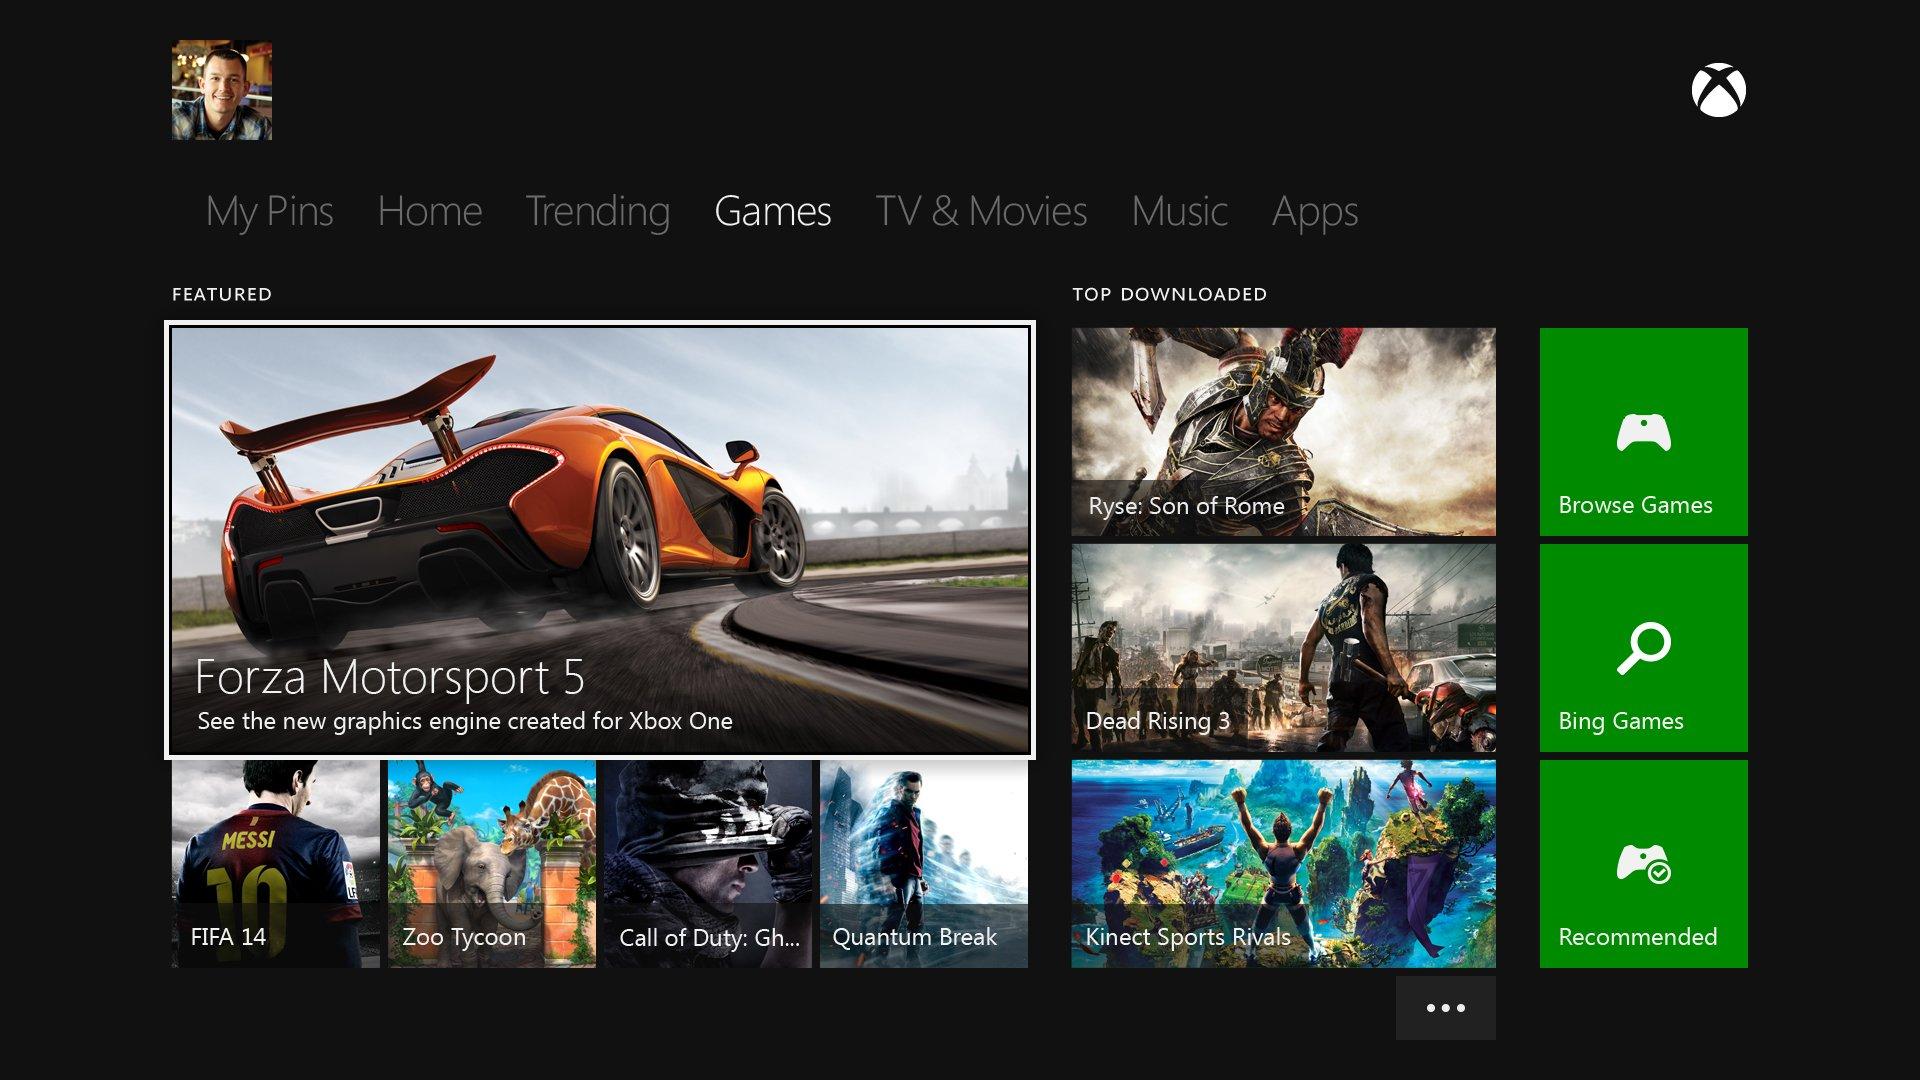 Xbox Oneの新ダッシュボード。今回の発表会はゲームの話題しかなかったが、Xbox Oneにはゲームは機能のひとつに過ぎない